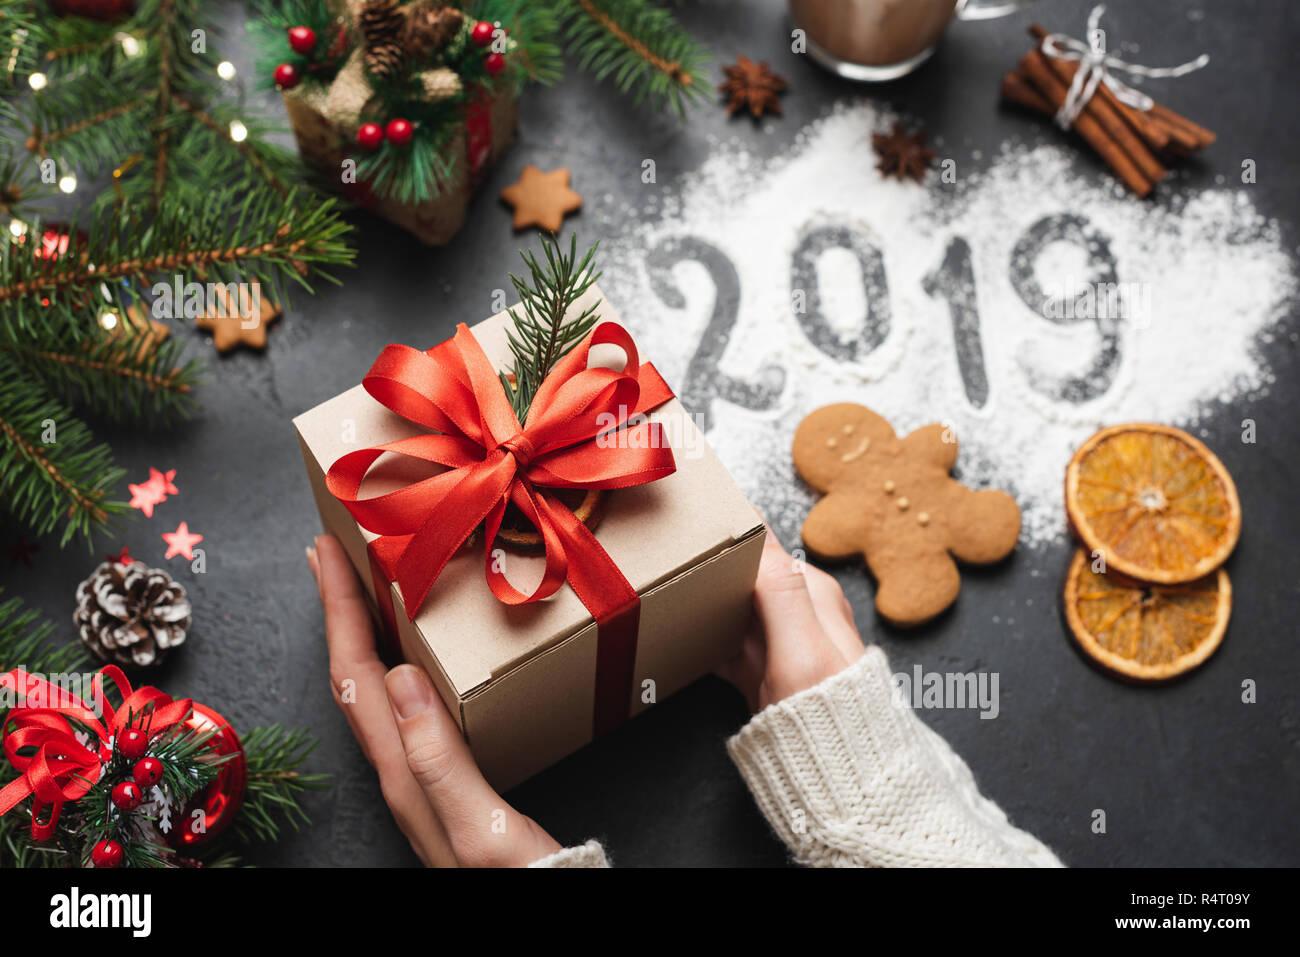 Natale 2019 Immagini.Natale 2019 Anno Nuovo Biglietto Di Auguri Confezione Regalo